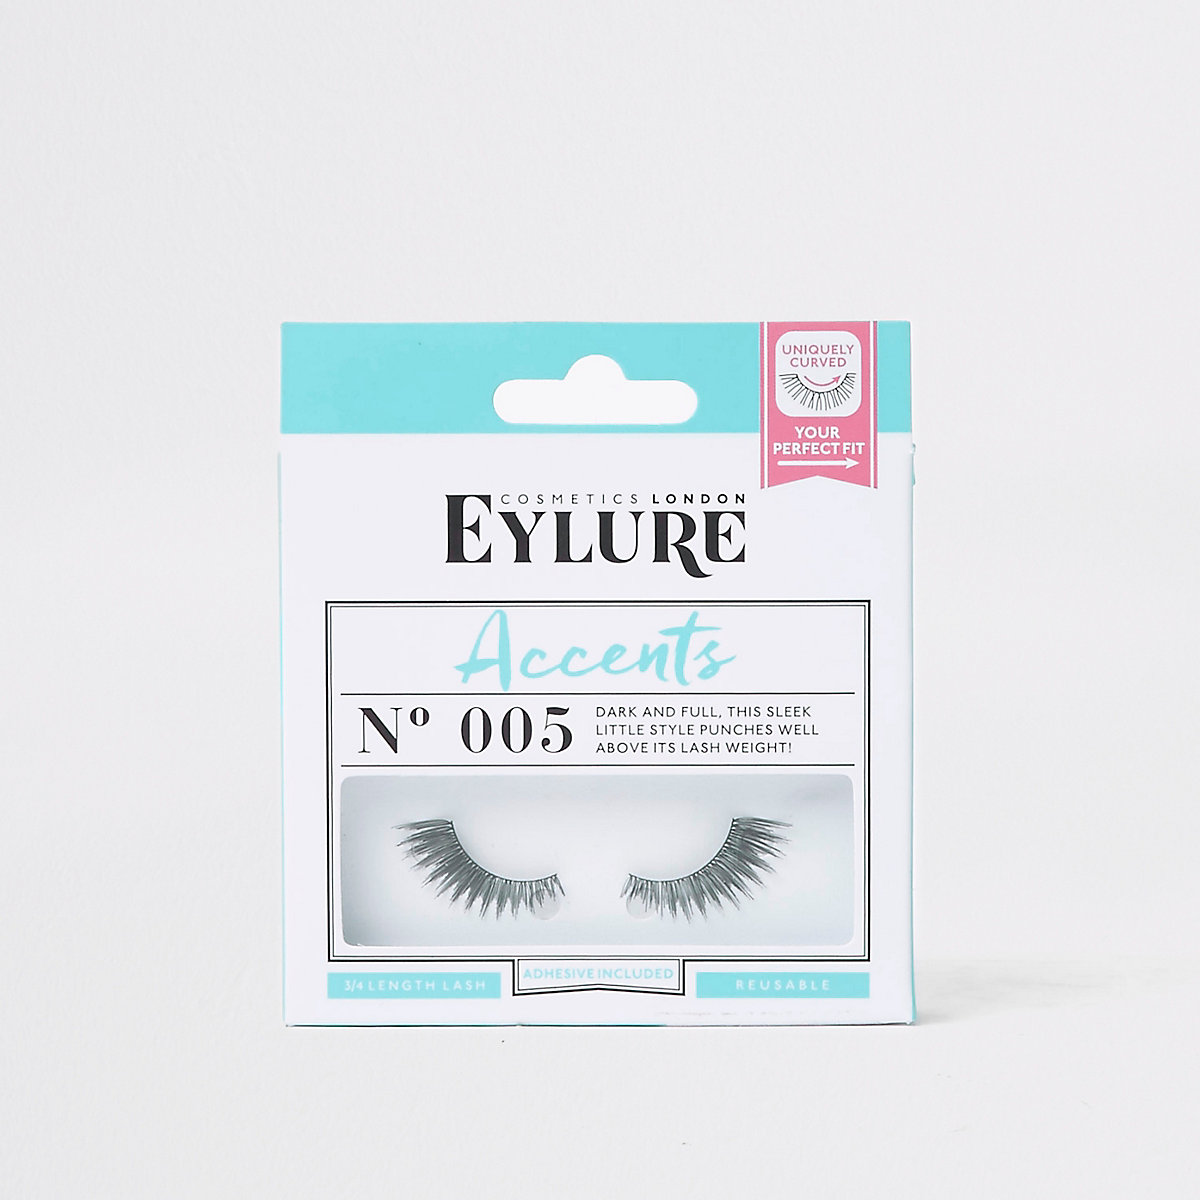 Eylure accents 005 false eyelashes